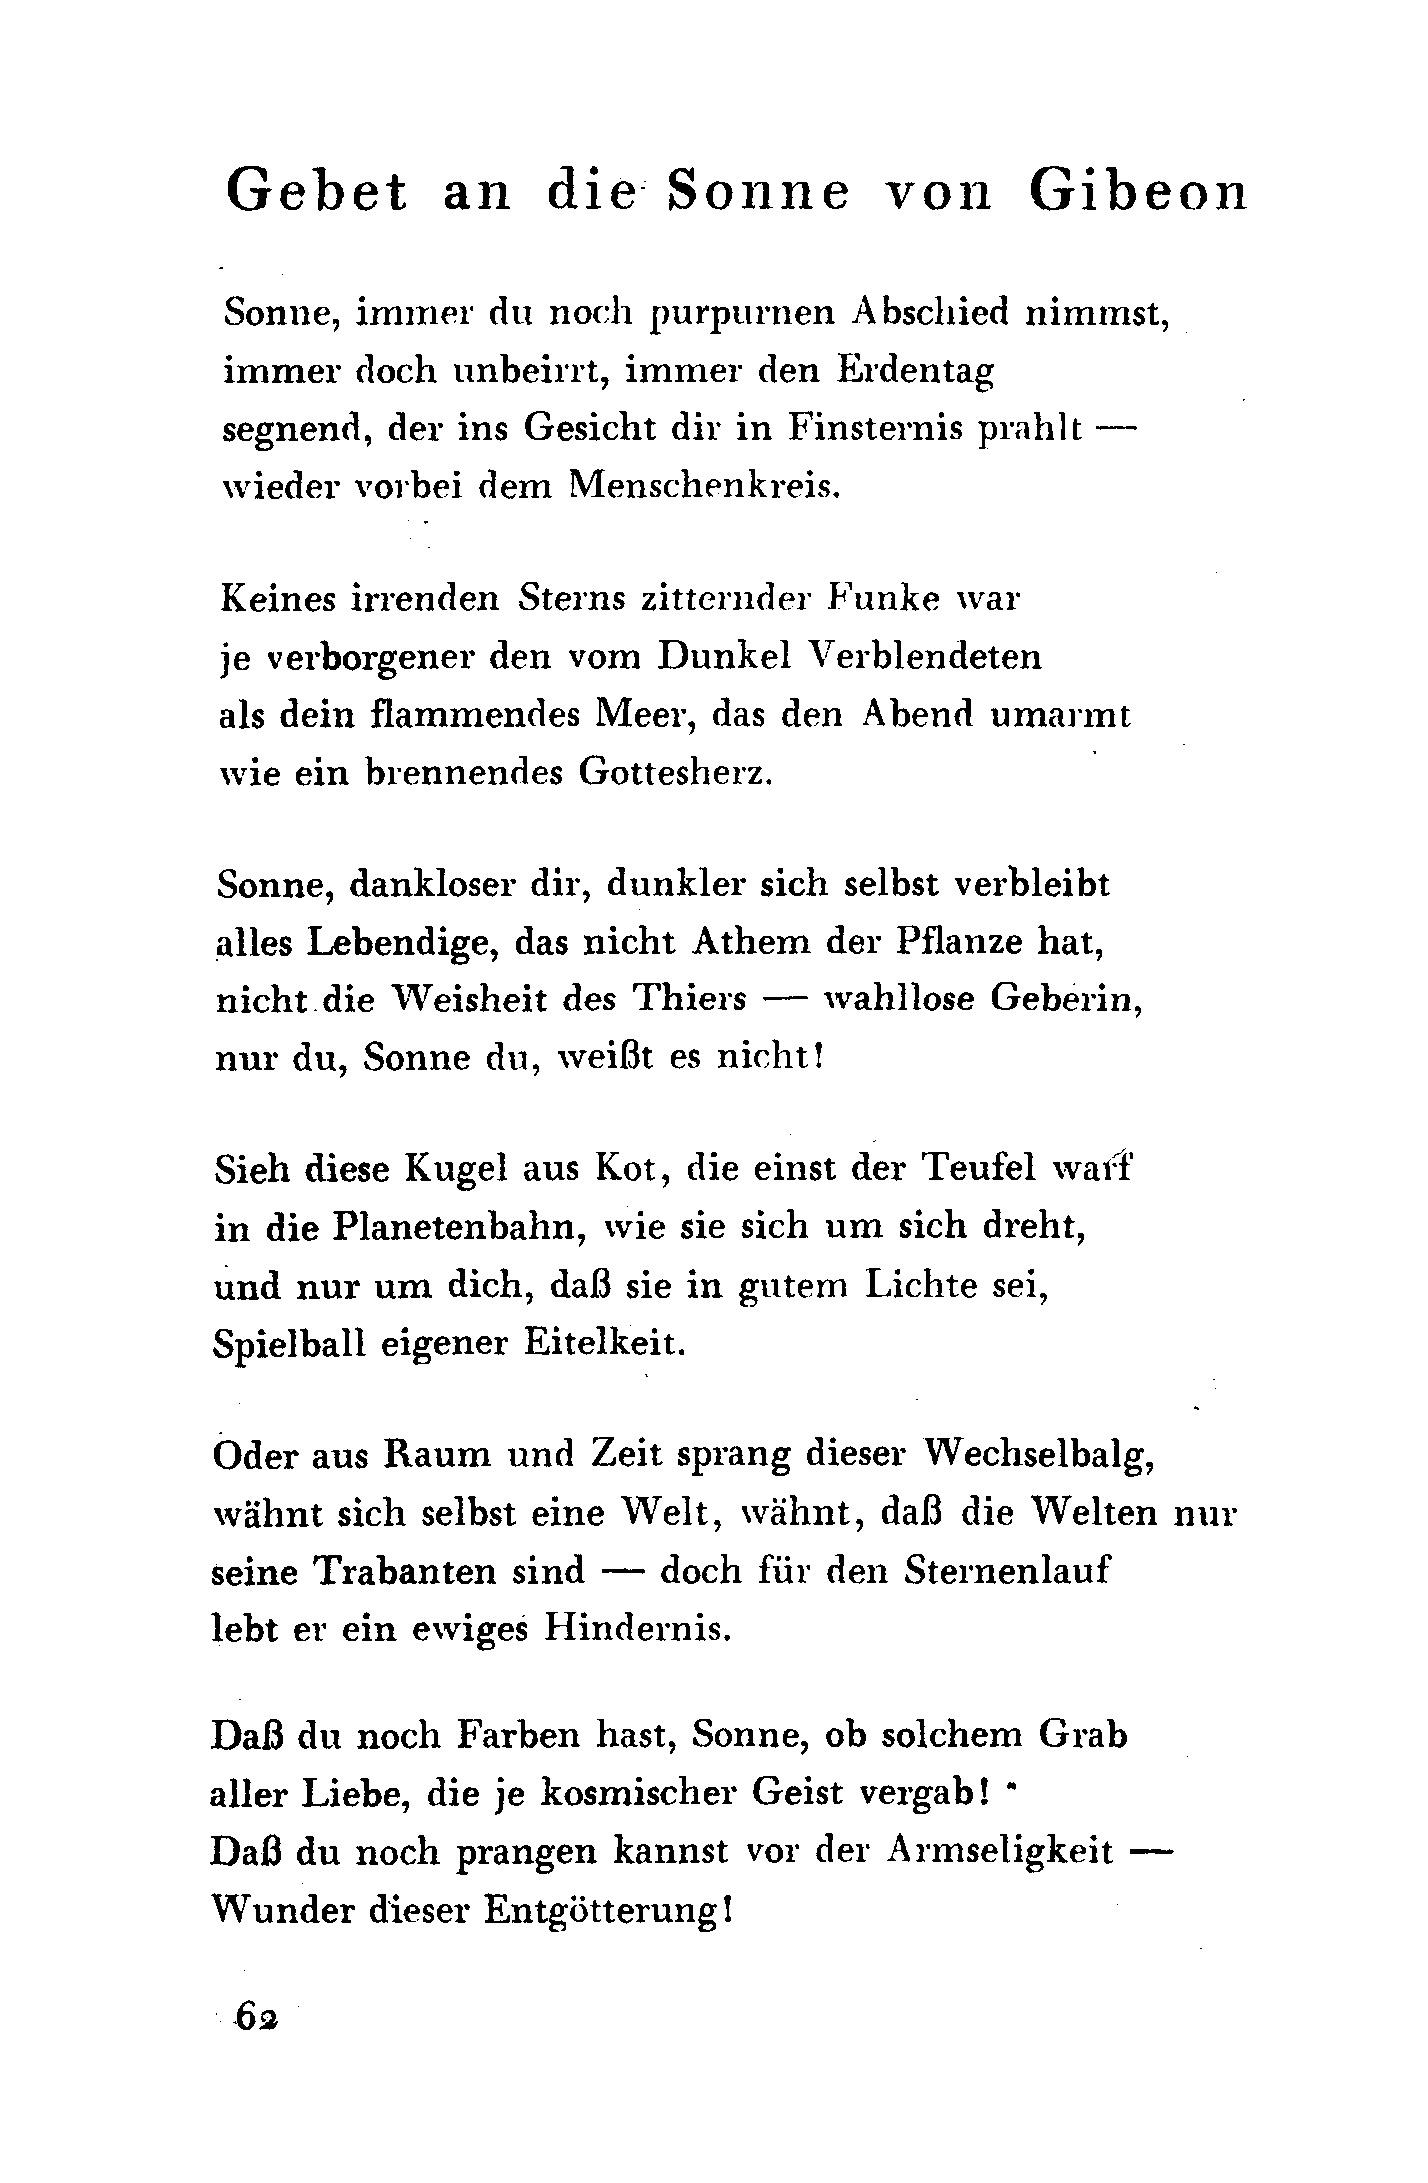 Filede Ausgewählte Gedichte Kraus 62jpg Wikimedia Commons